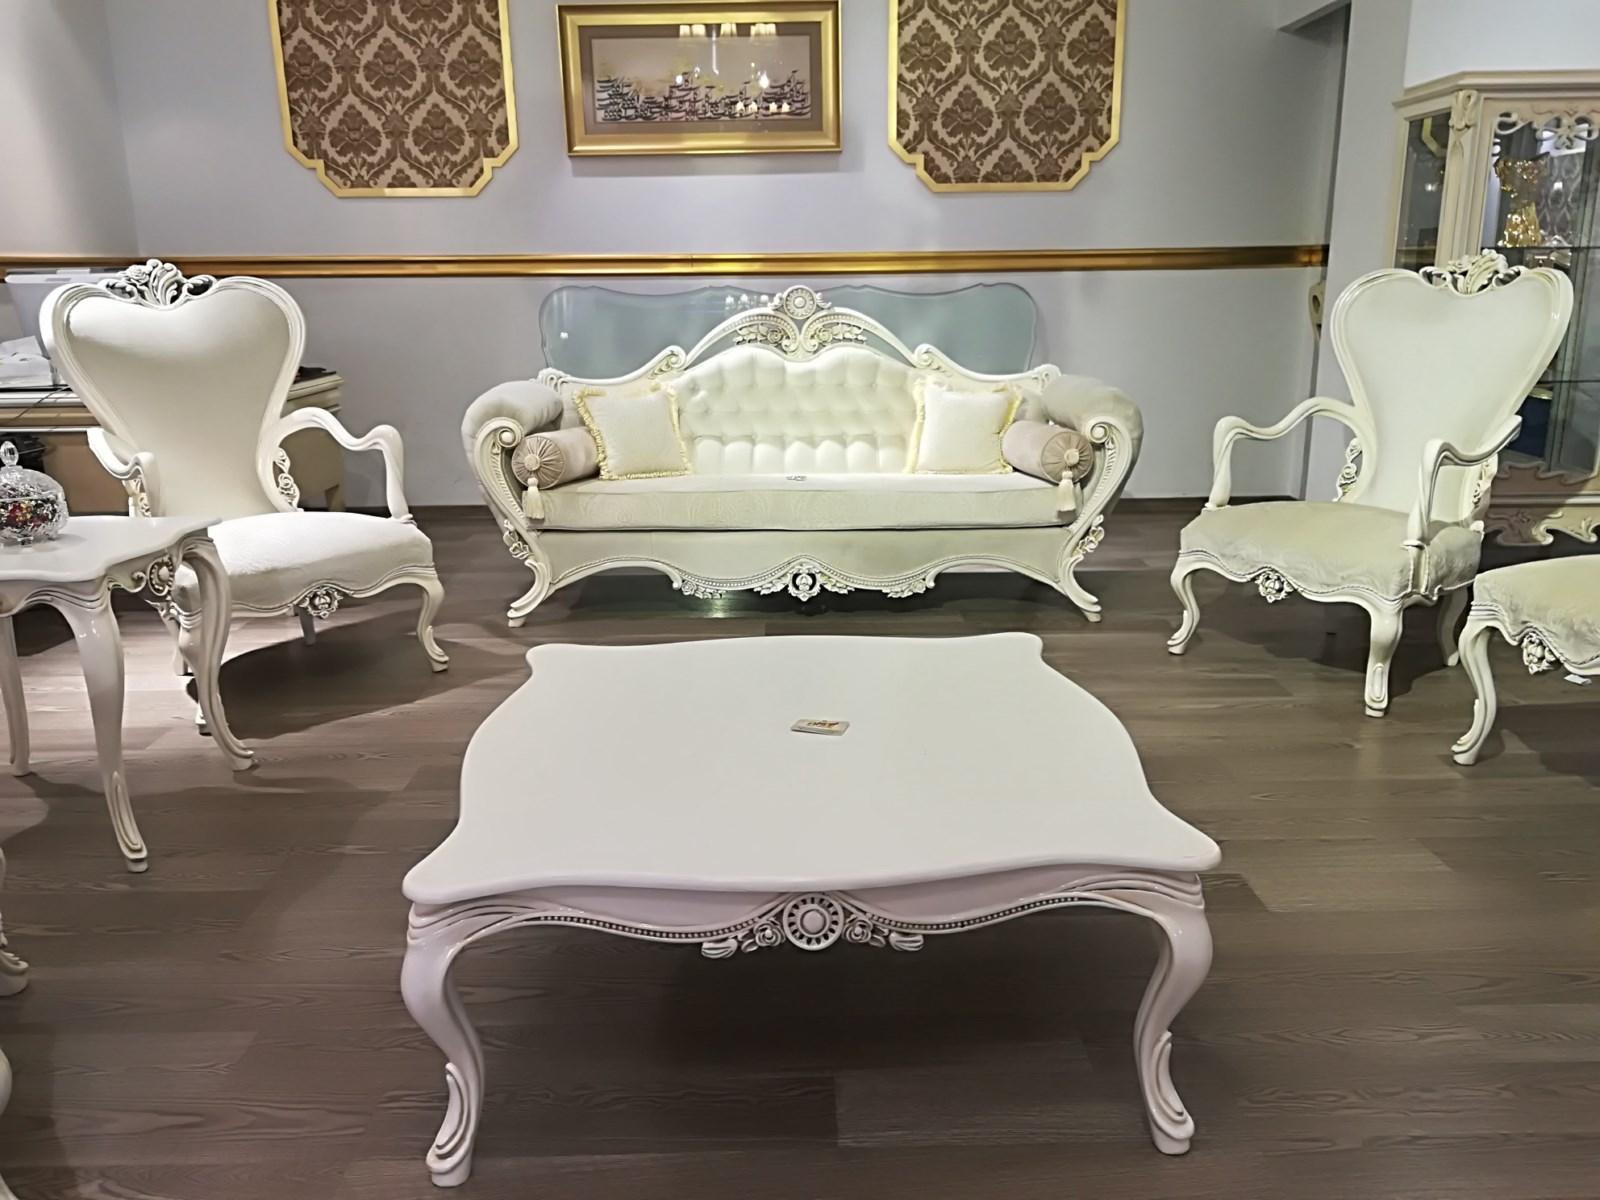 مبل سلطنتی استیل کلاسیک سفید پارچه ای بوفه چوبی سلطنتی سفید کرم